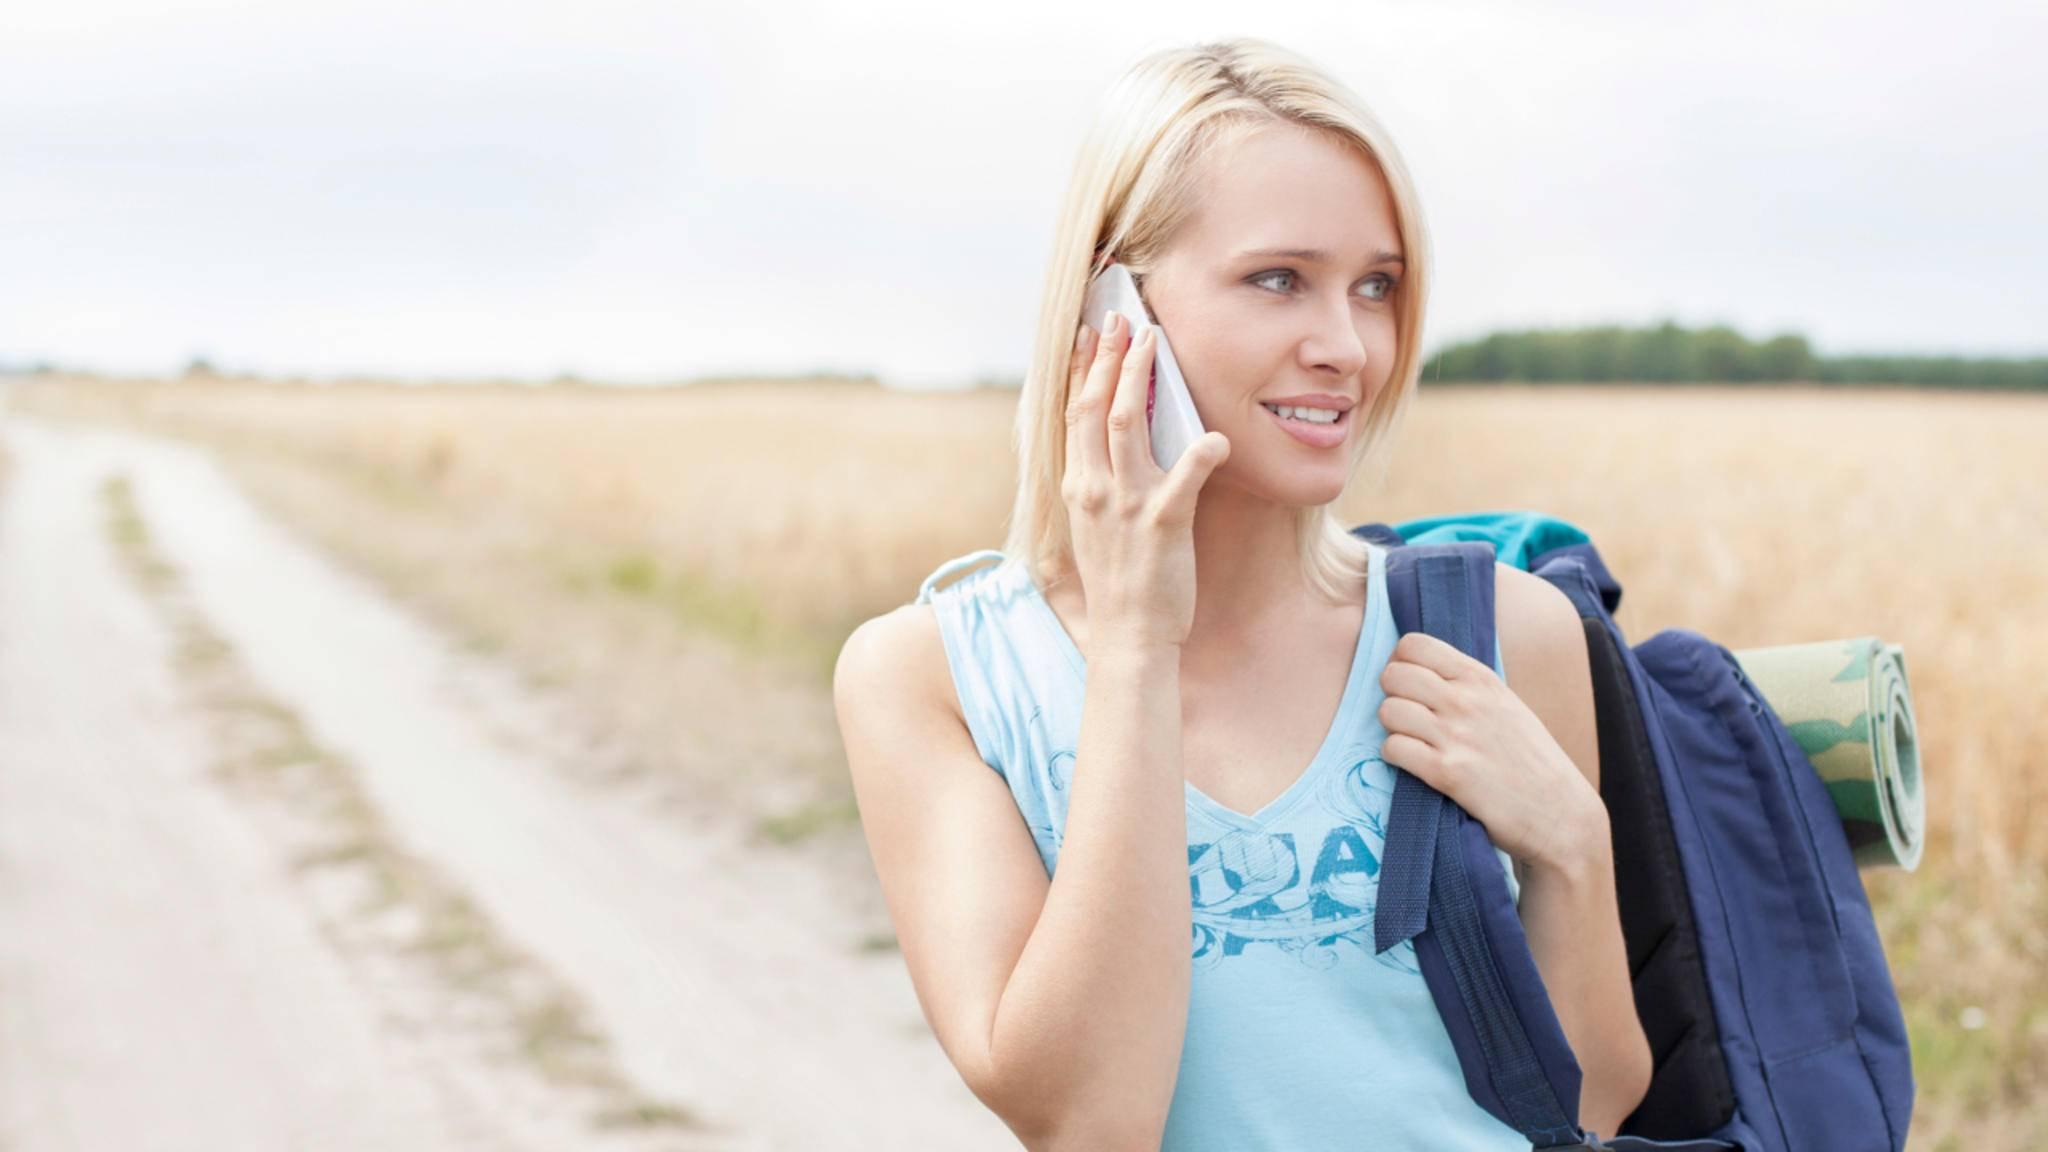 Bei lautem Wind ist der Gesprächspartner oft schwer zu verstehen.